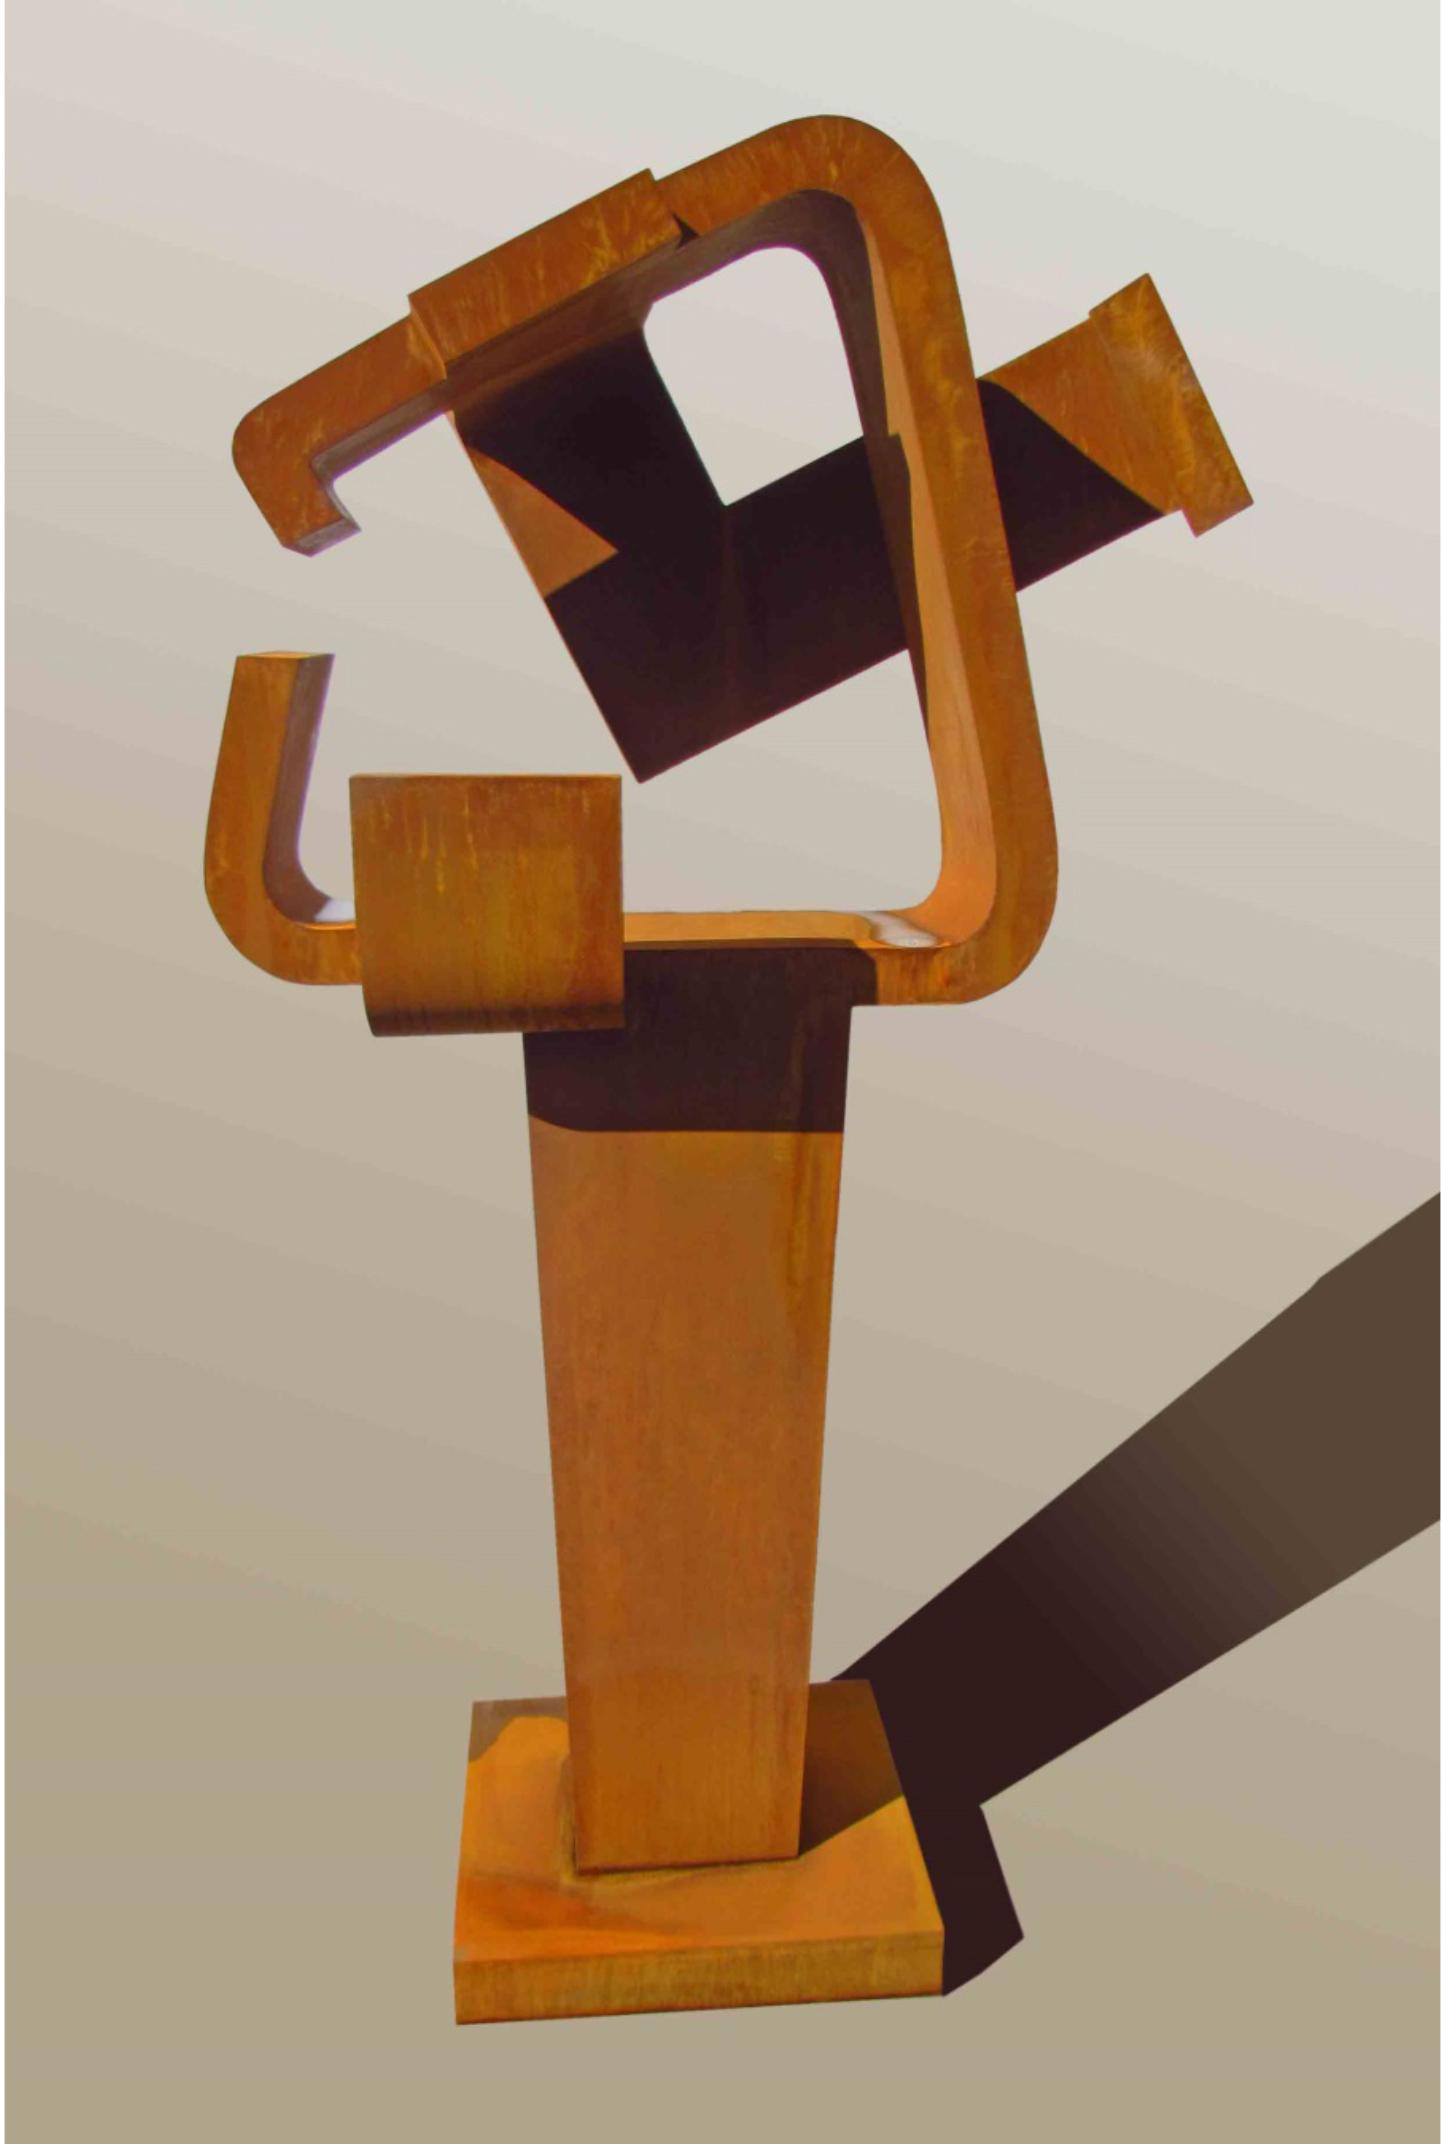 <strong> Carlos Albert</strong> Polífemo, 195 x 120 x 65cm, Acero Corten, Pieza Única, Año 2015